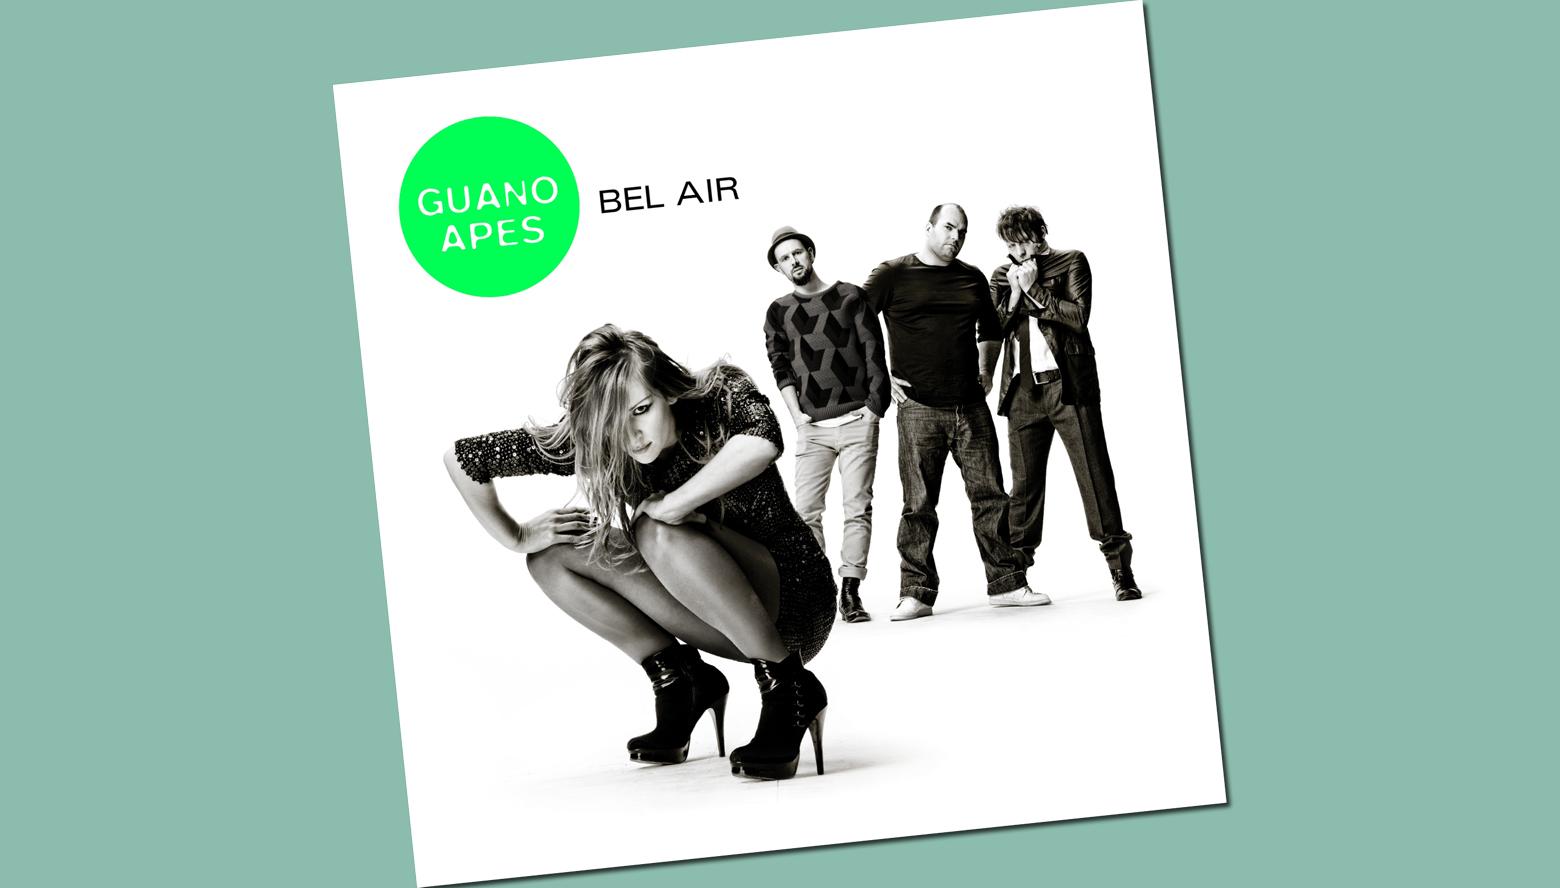 1301586557_2160d1299842366-guano-apes-komt-met-nieuw-album-en-concert-guano_apes_album_cover_802u_hi_res_rgb